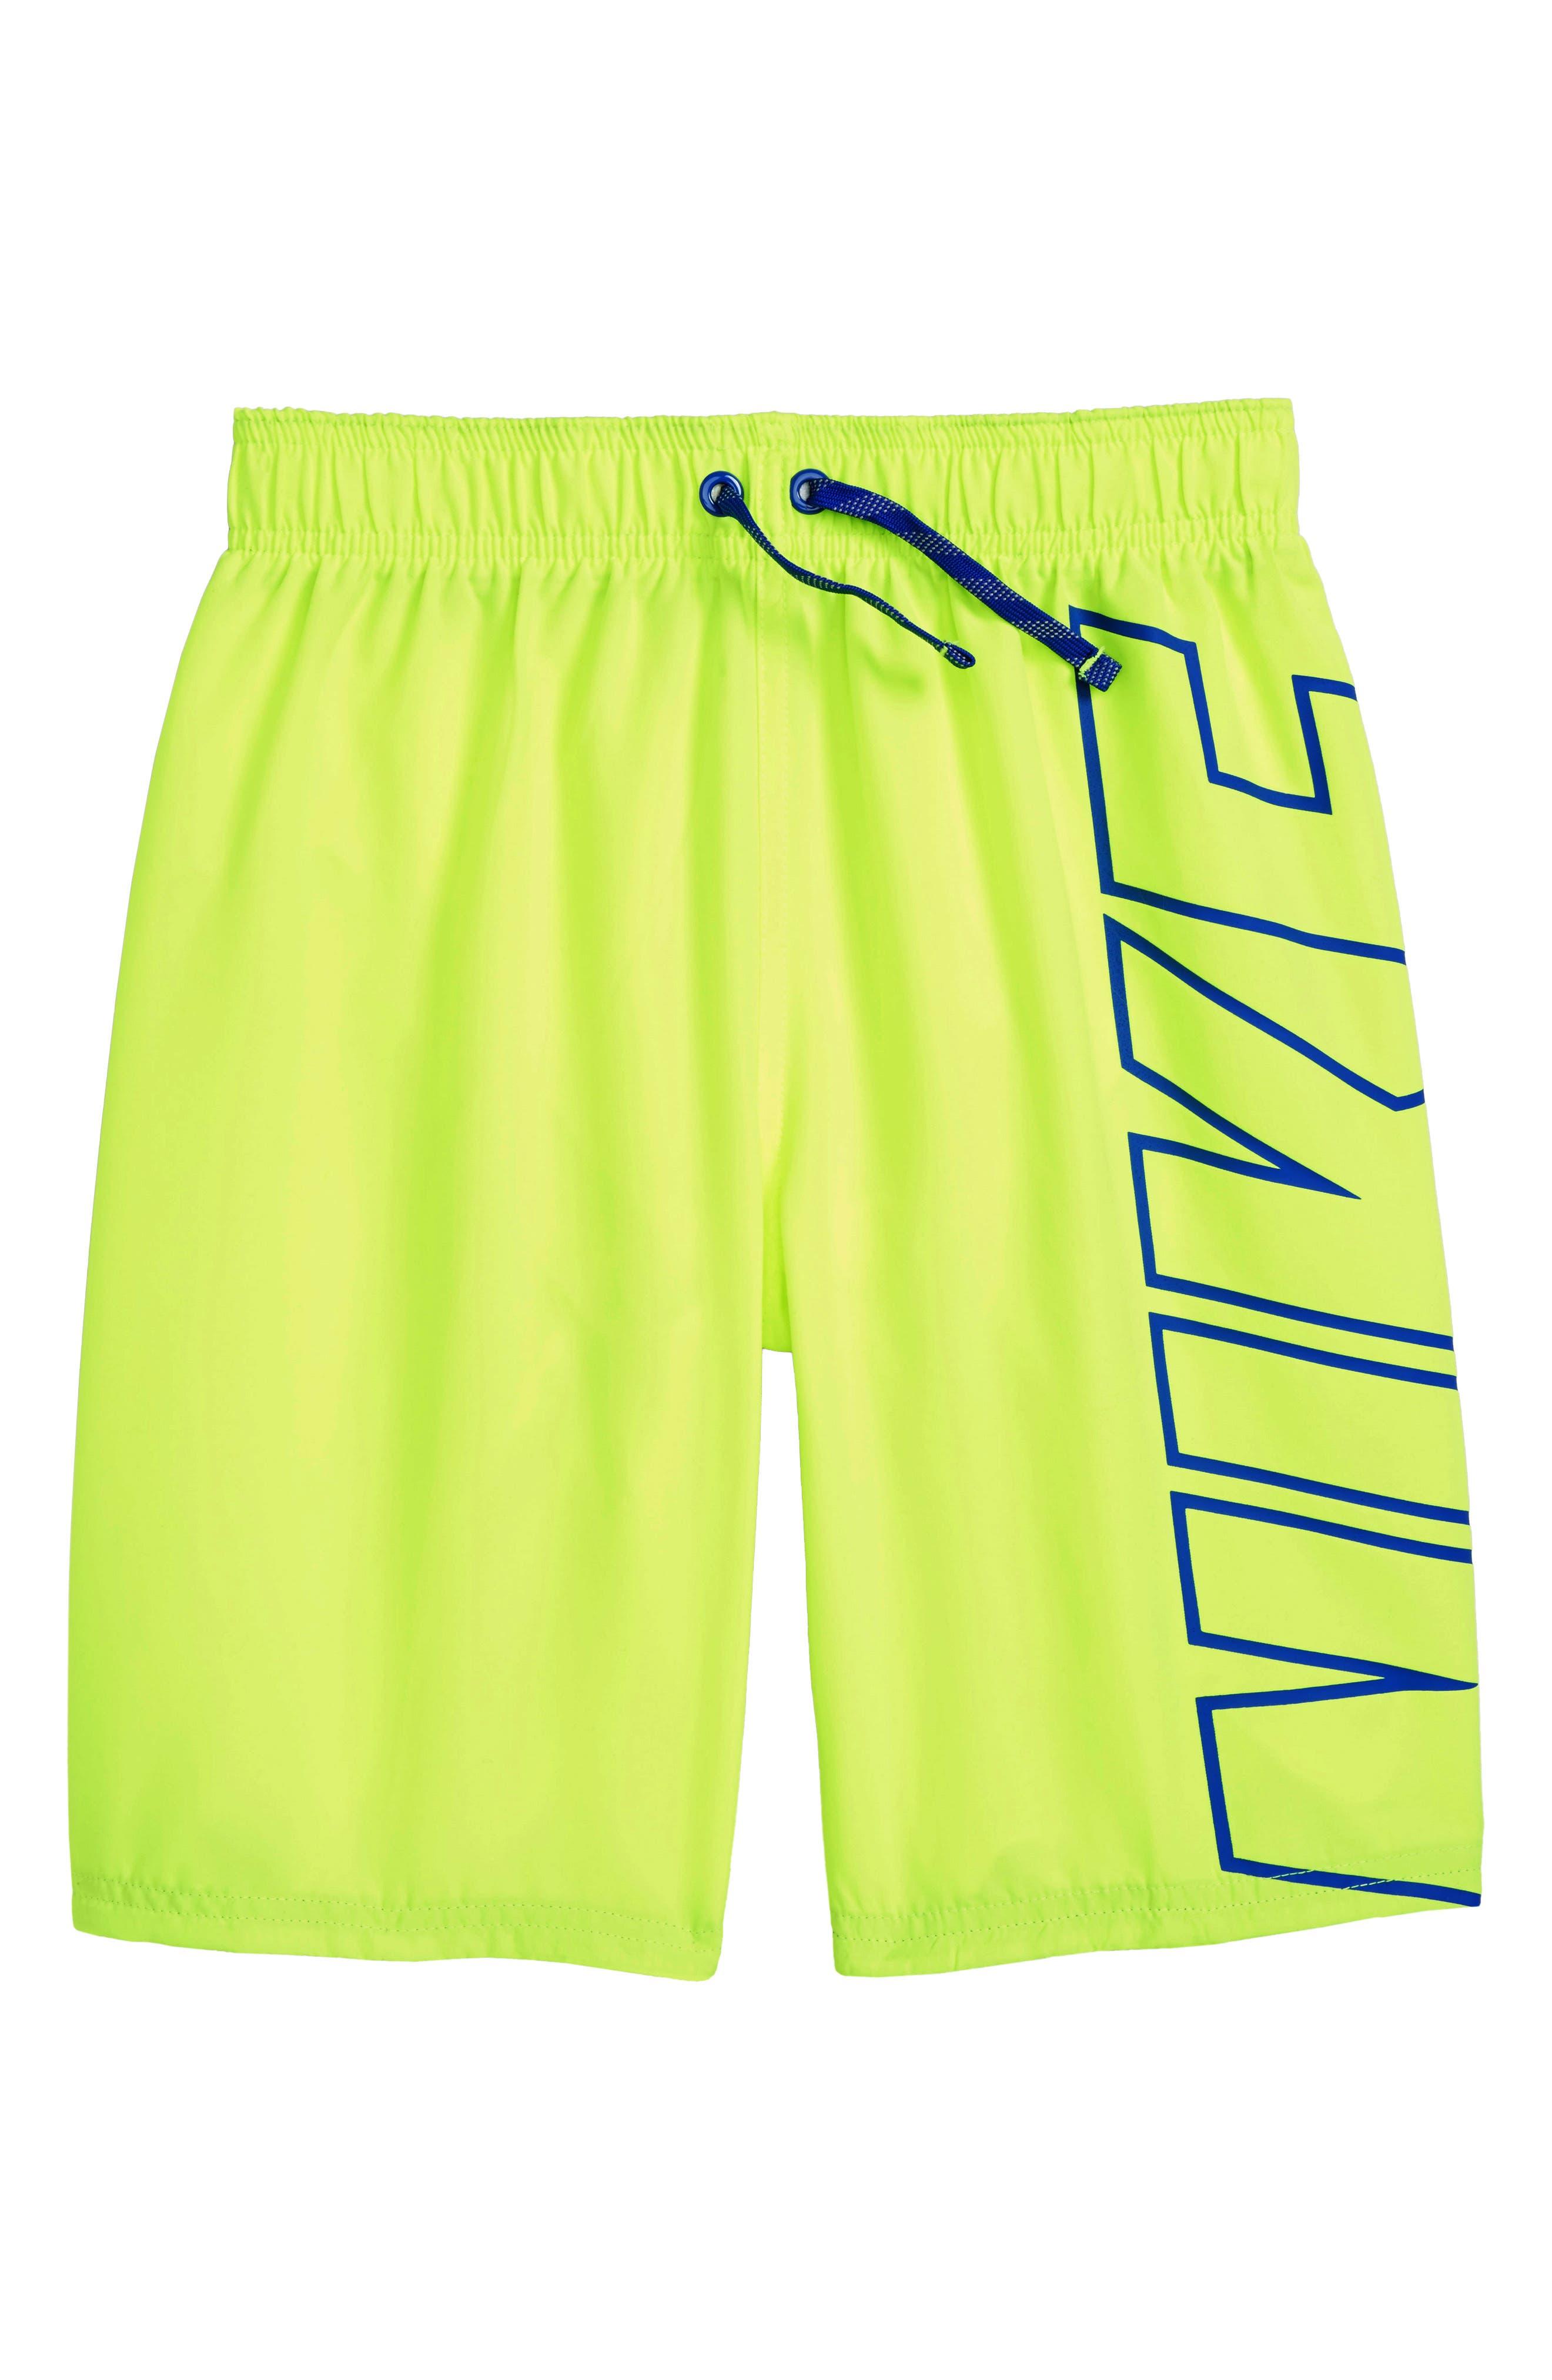 Breaker Volley Shorts,                         Main,                         color, Volt